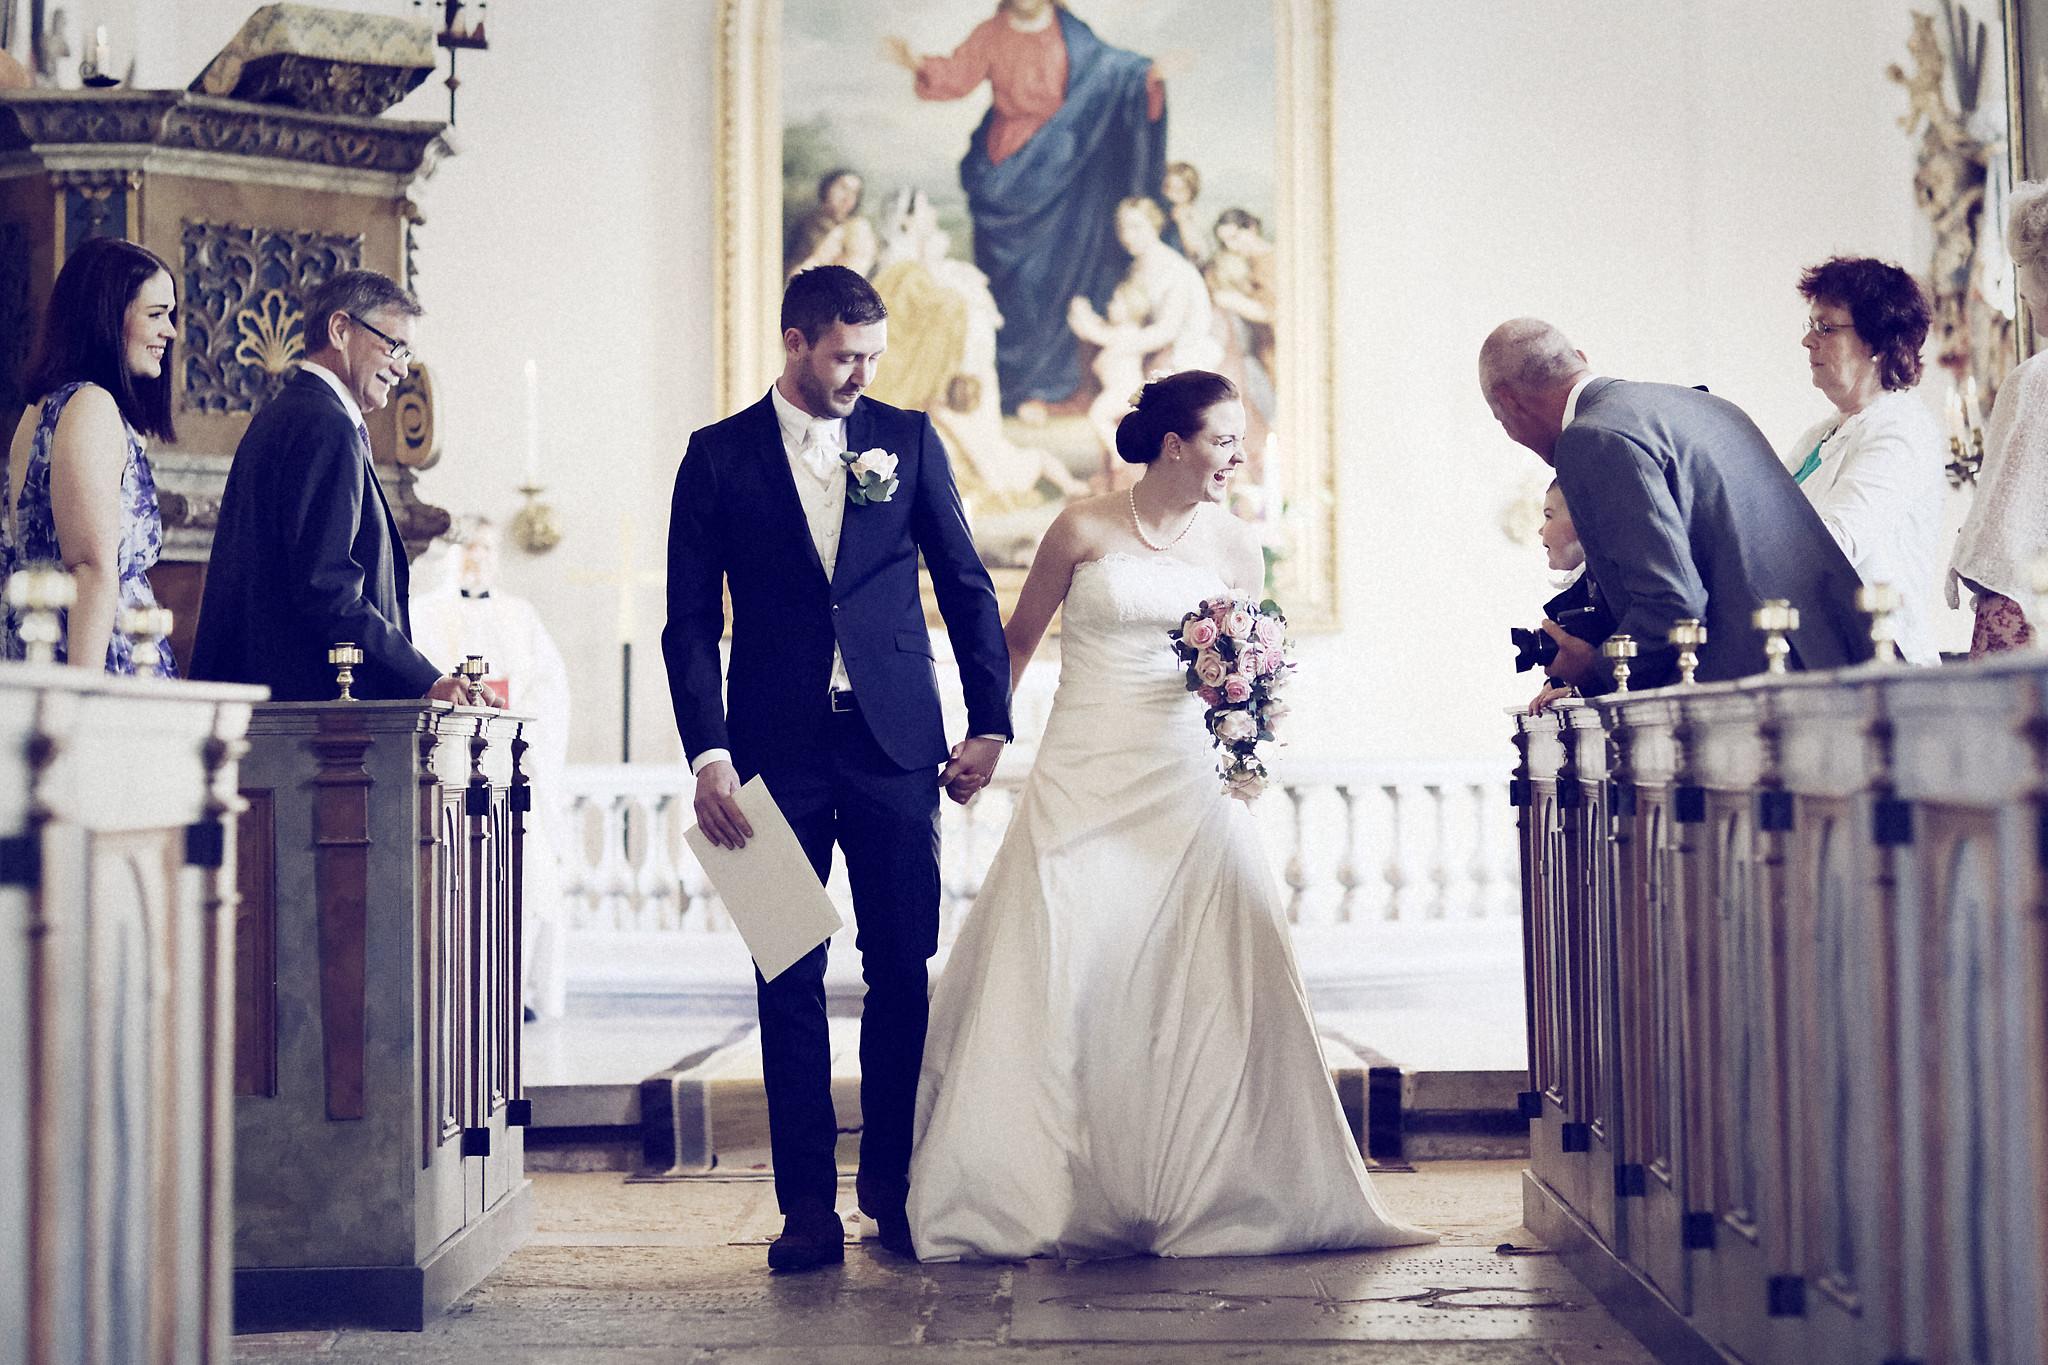 Bröllopsceremoni 3: Nerför altargång